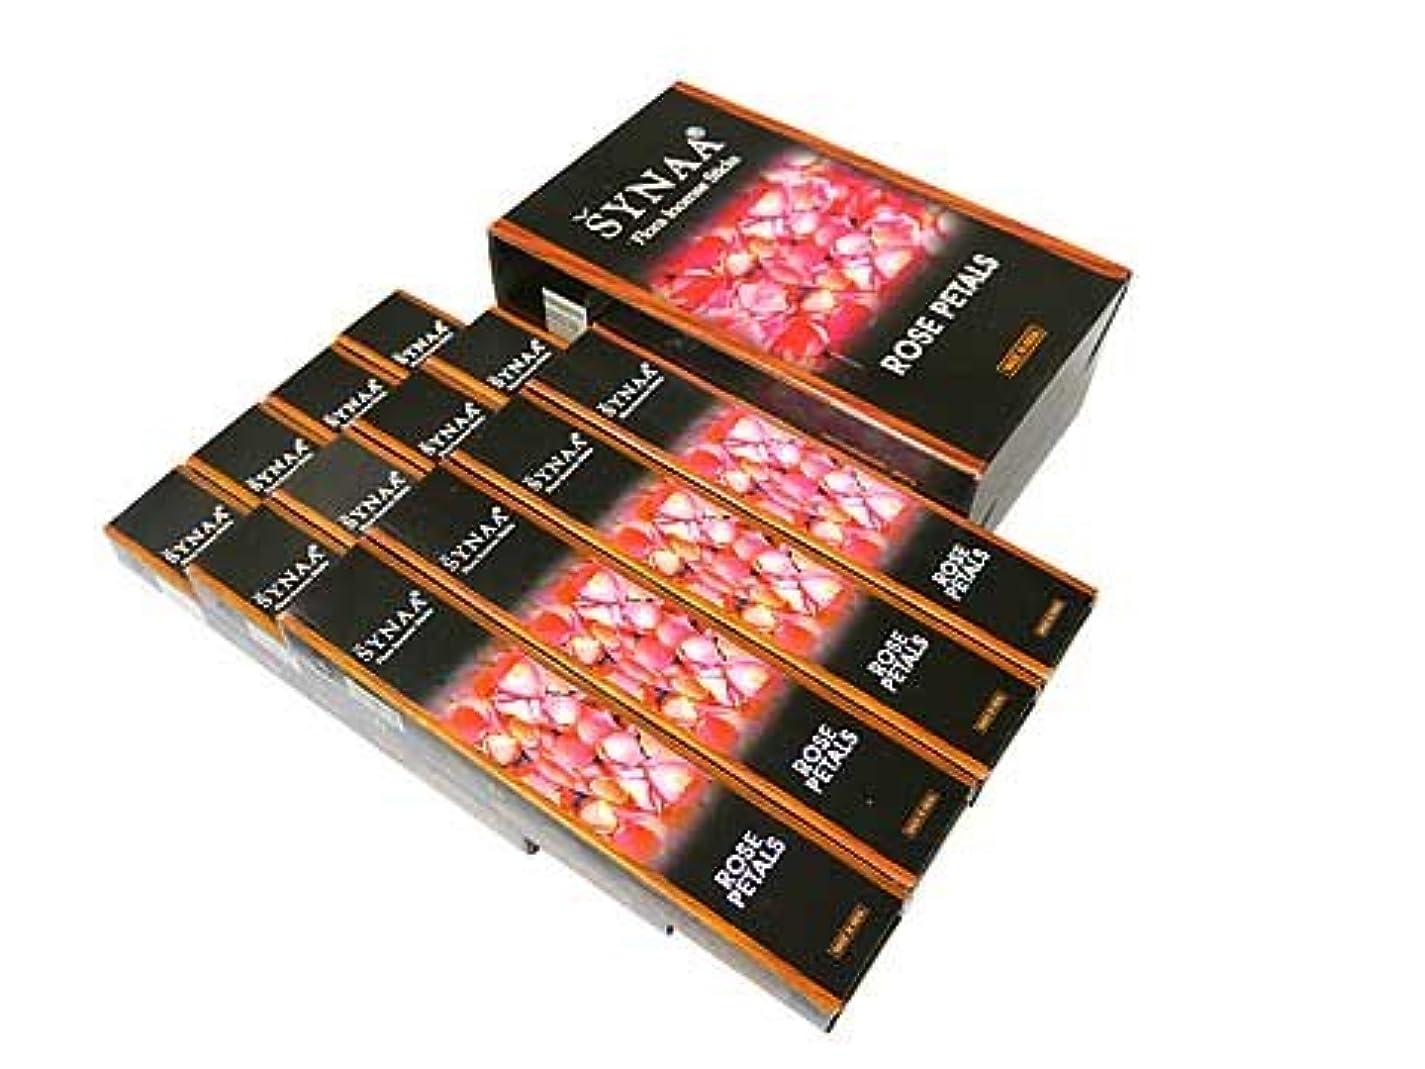 ホステス焦がすパンツHDAC SYNAA(シナー) ローズペタル香 マサラスティック ROSEPETALS 12箱セット